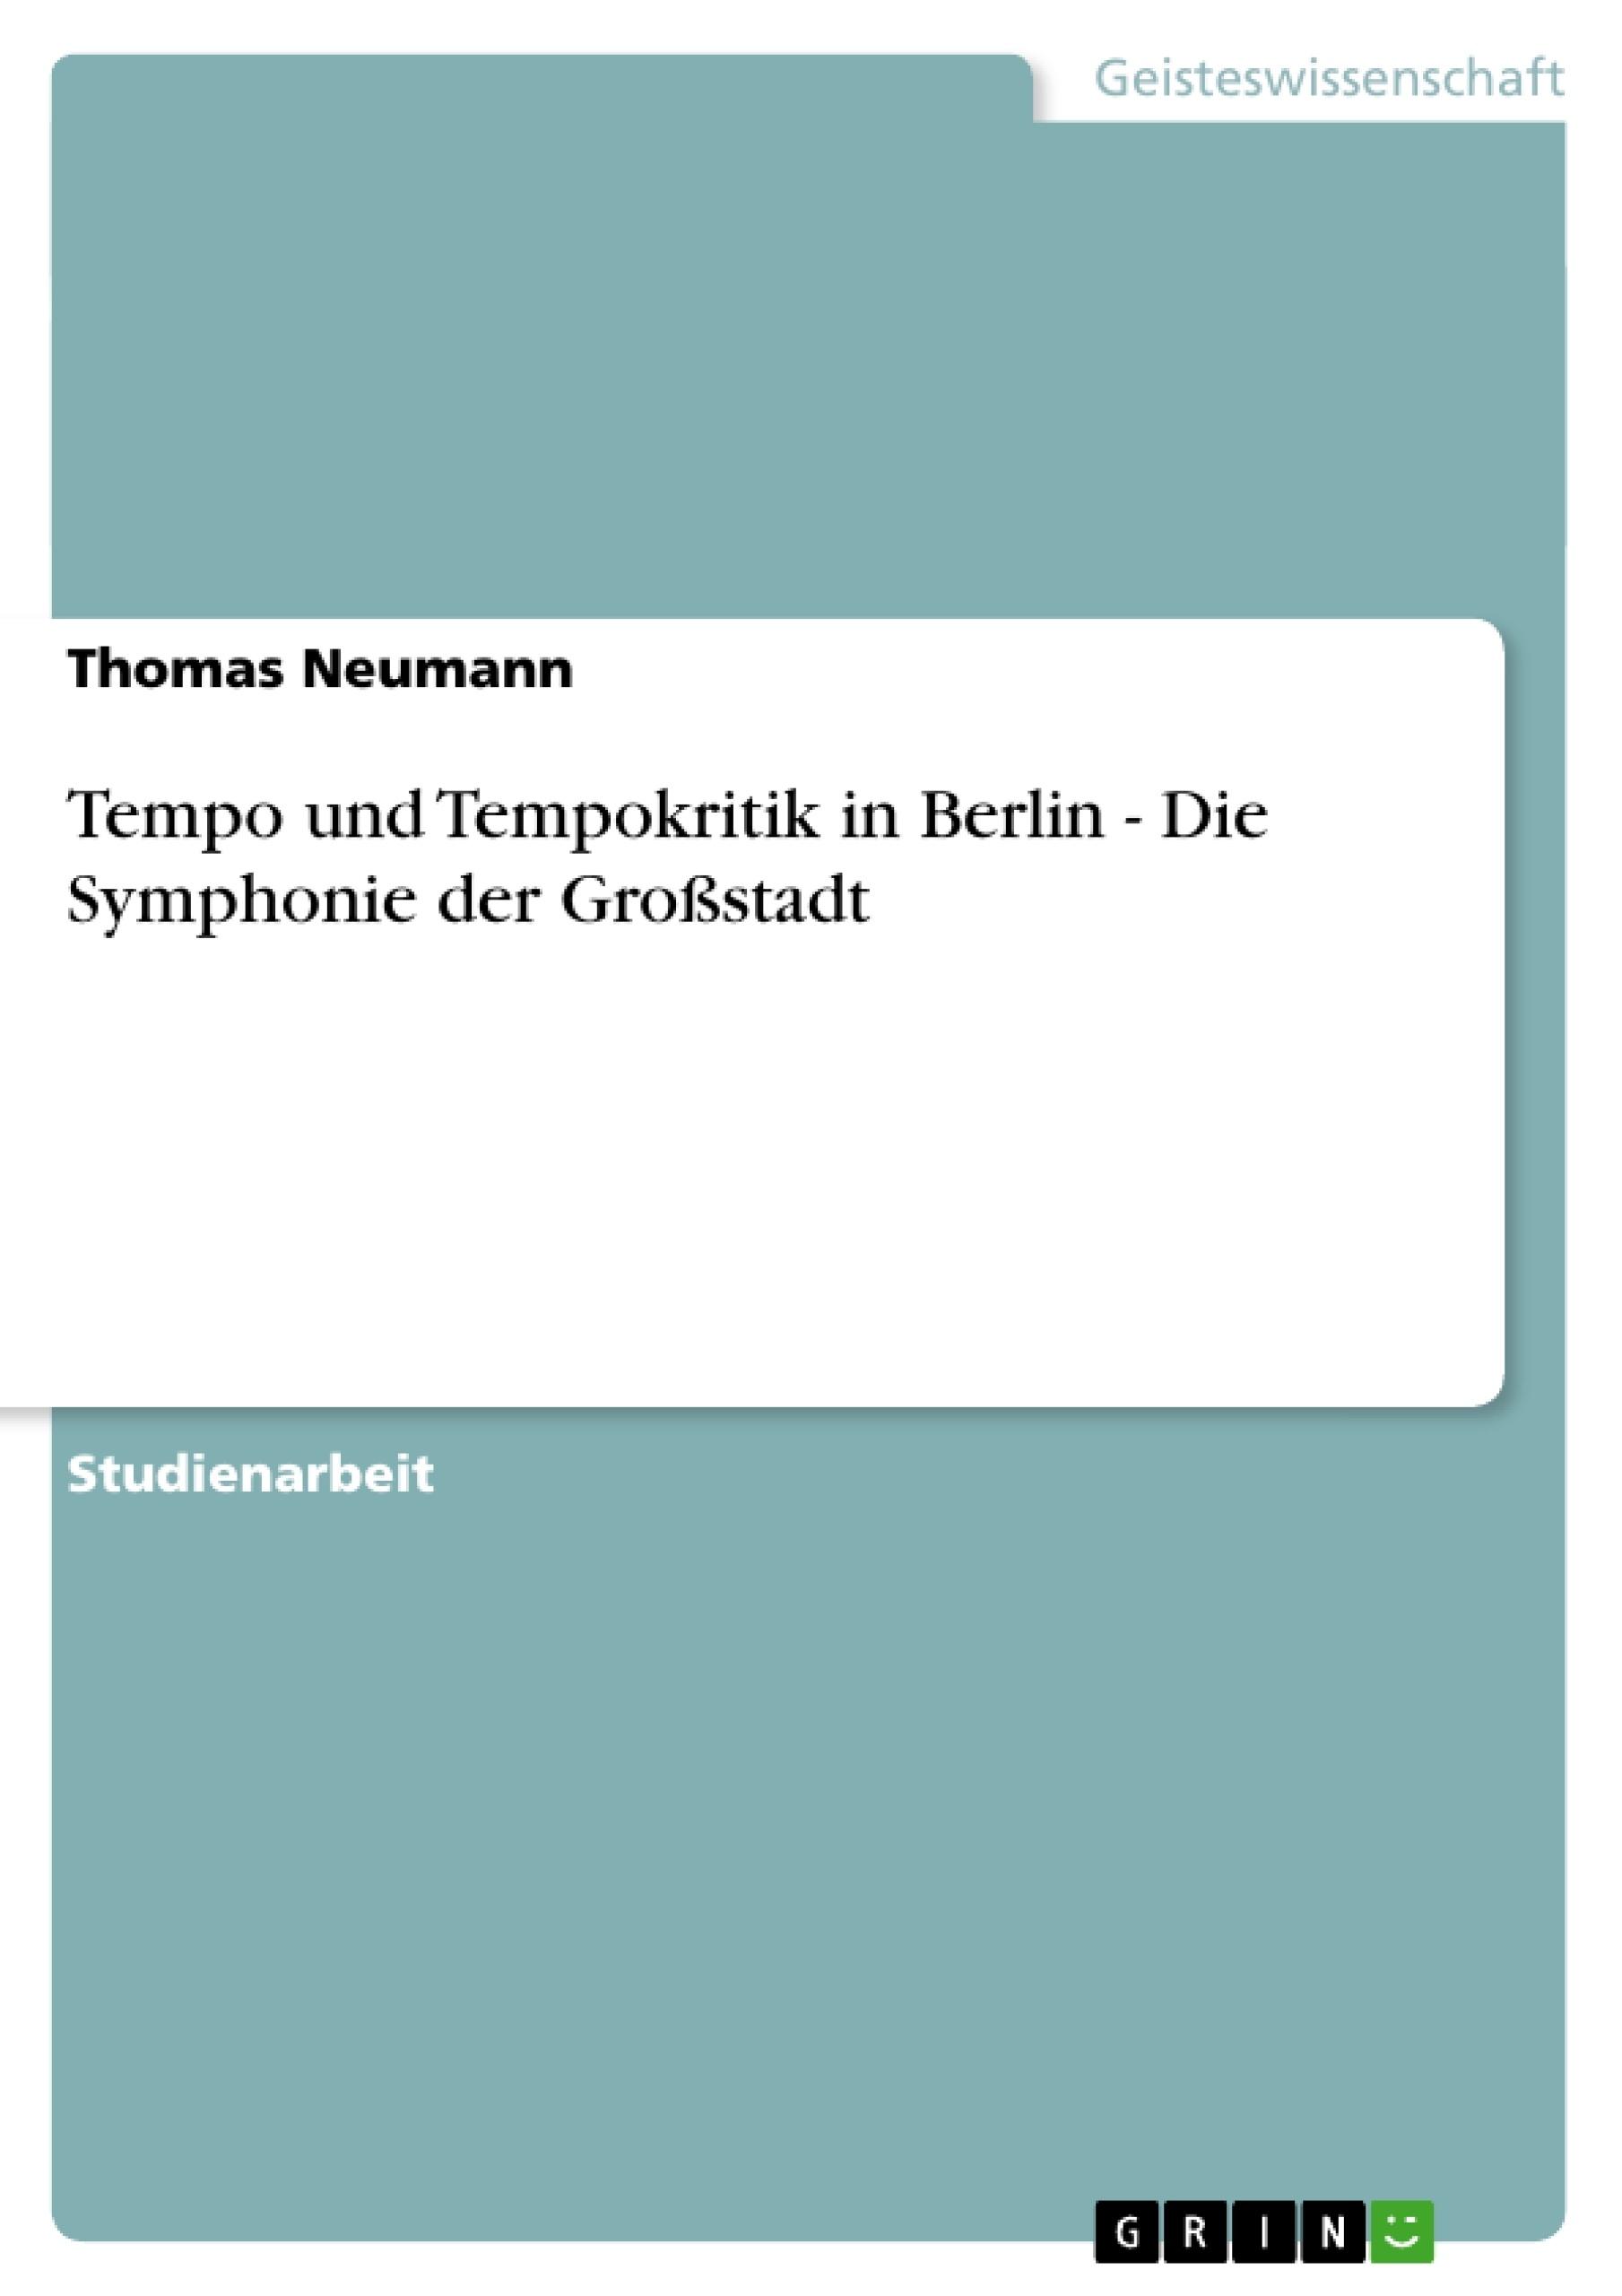 Titel: Tempo und Tempokritik in Berlin - Die Symphonie der Großstadt